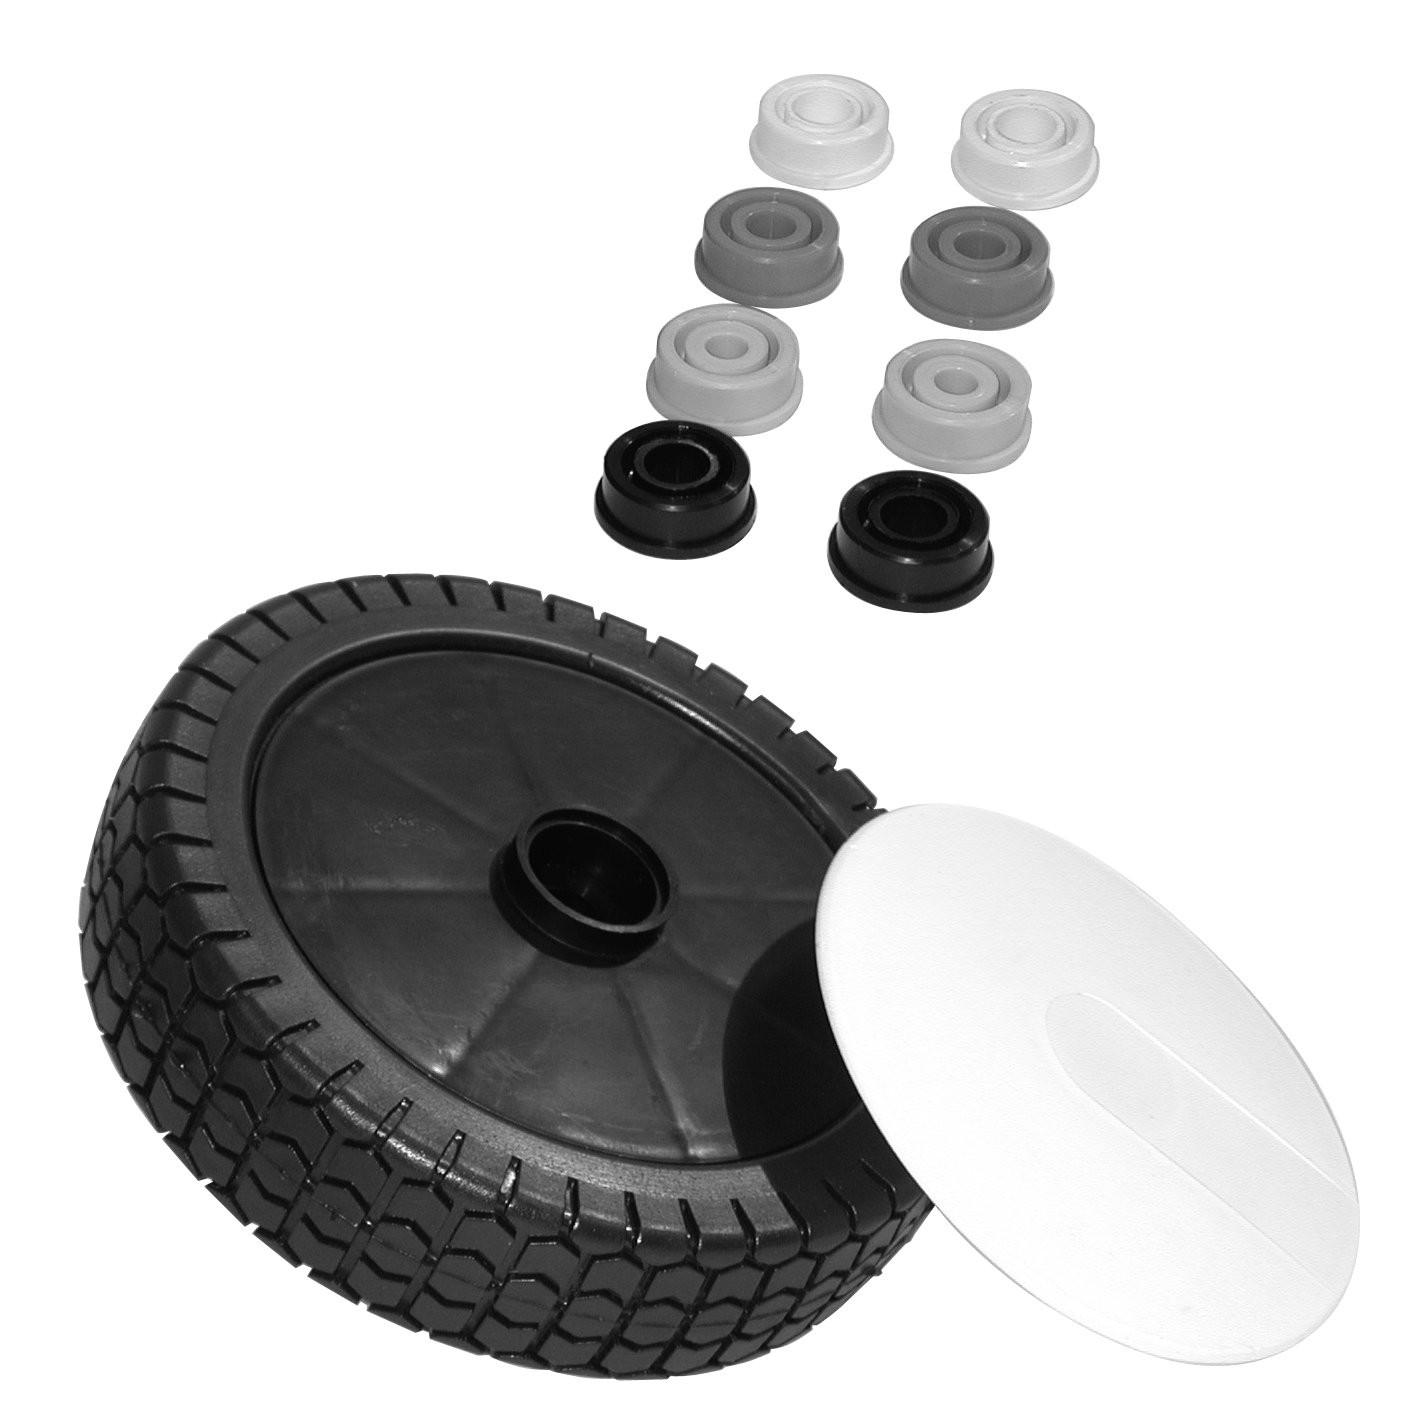 Univerzální plastové kolo pro sekačky, Turf 72-600